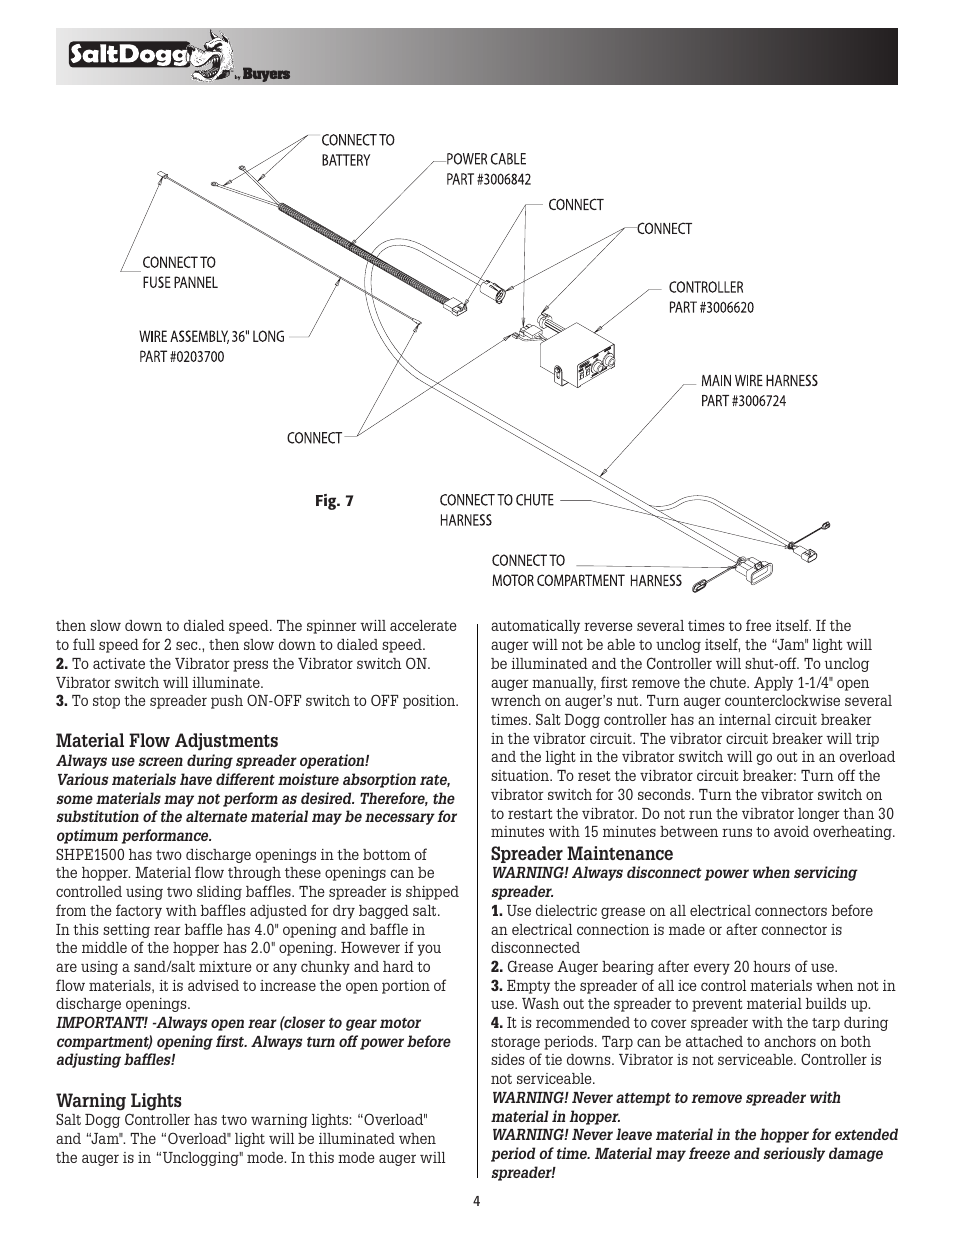 hight resolution of salt dogg controller wiring diagram wiring diagram origin rh 15 2 darklifezine de salt spreader controller